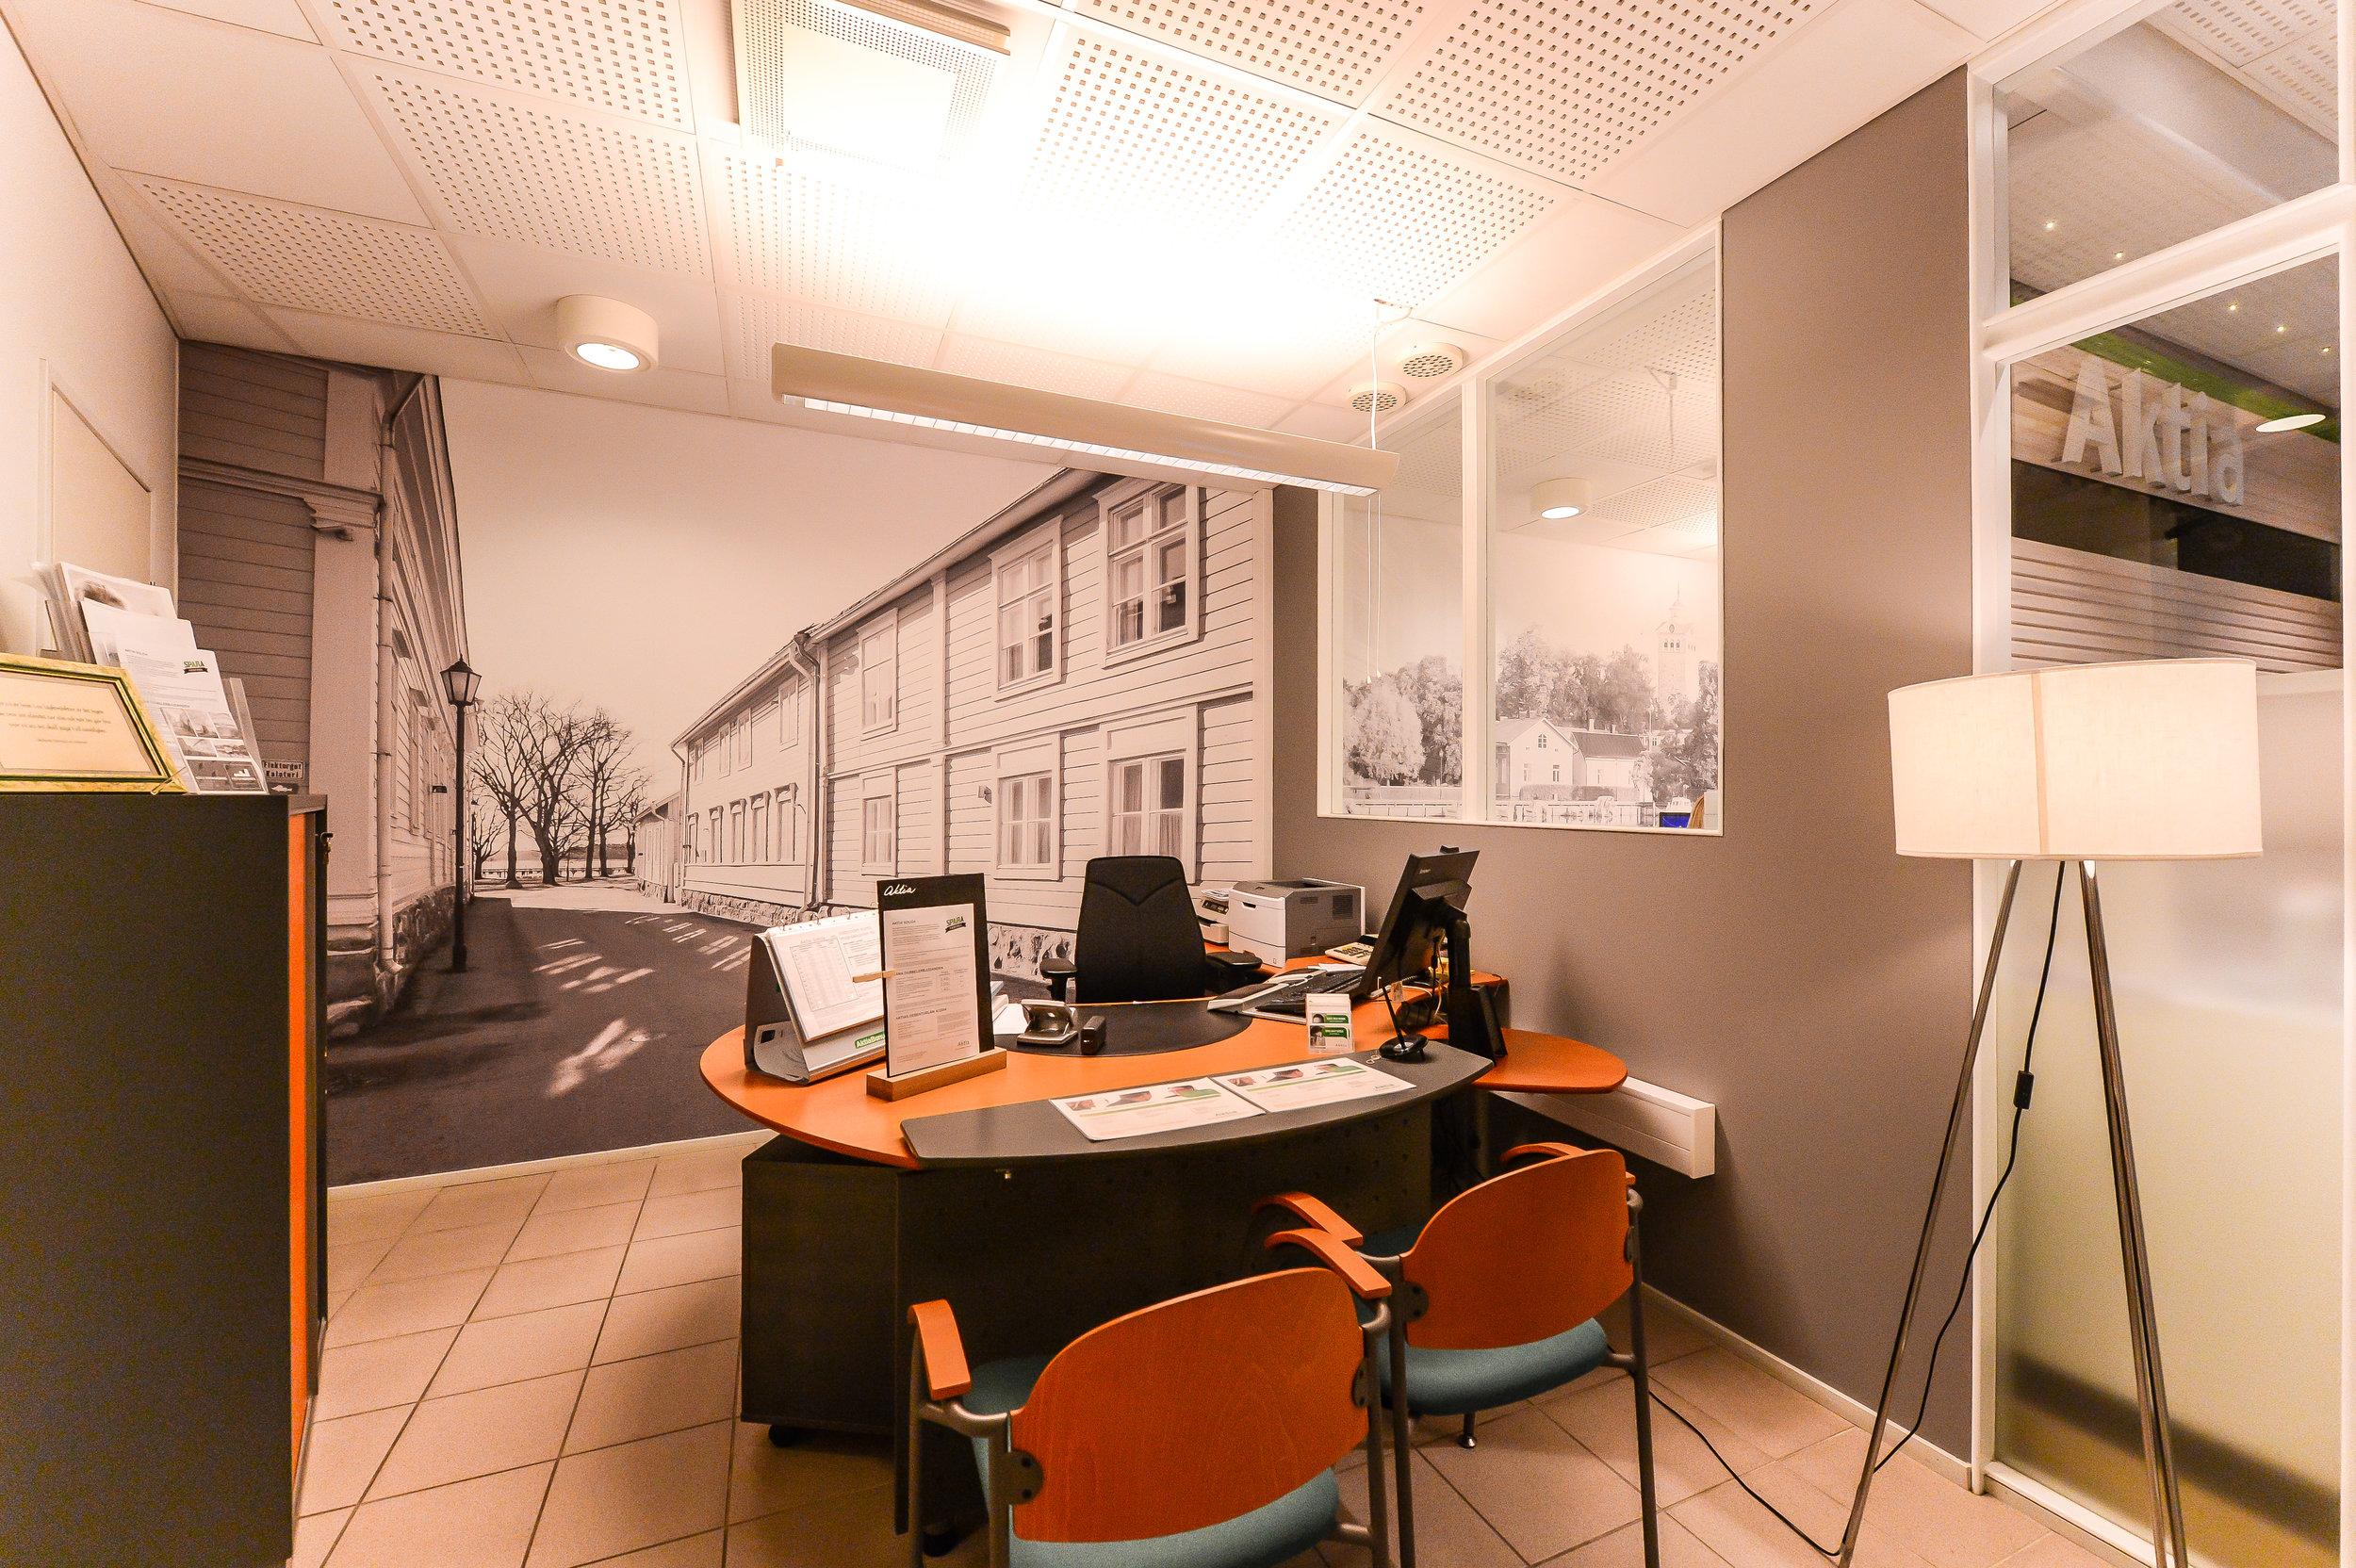 Aktiakontoret i Ekenäs slog på stort, och tapetserade alla kontor med mina bilder. Det blev en väldigt snygg helhet i svartvitt.